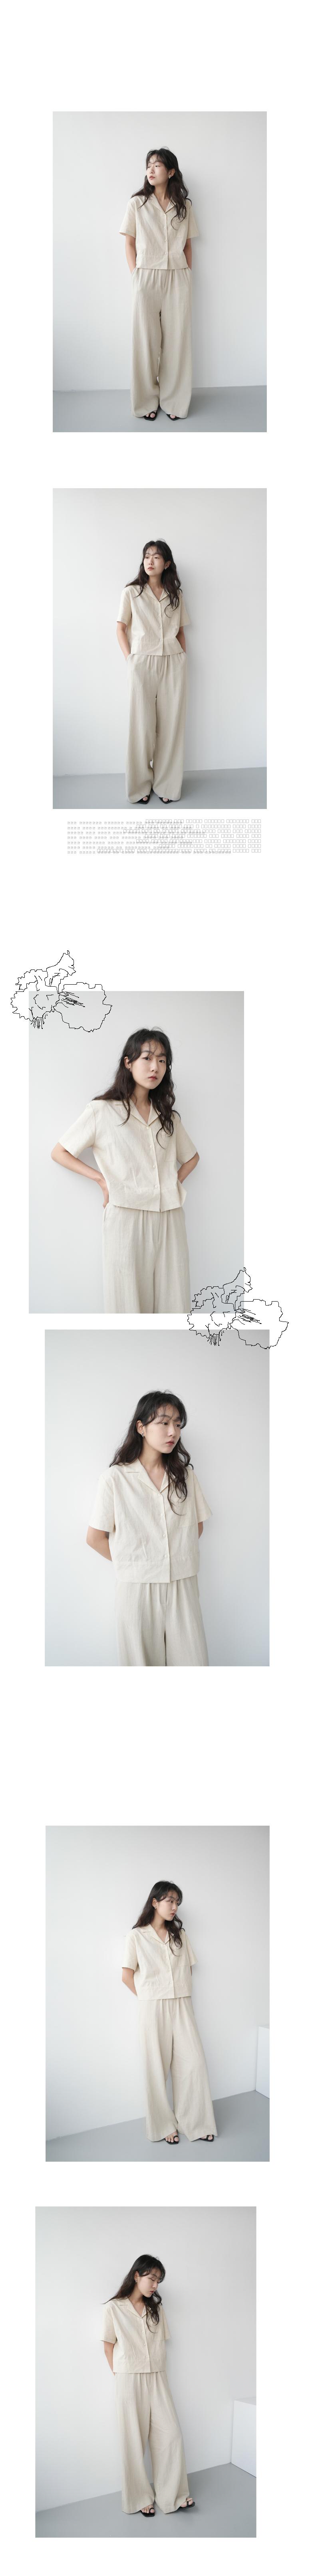 plain semi crop shirts